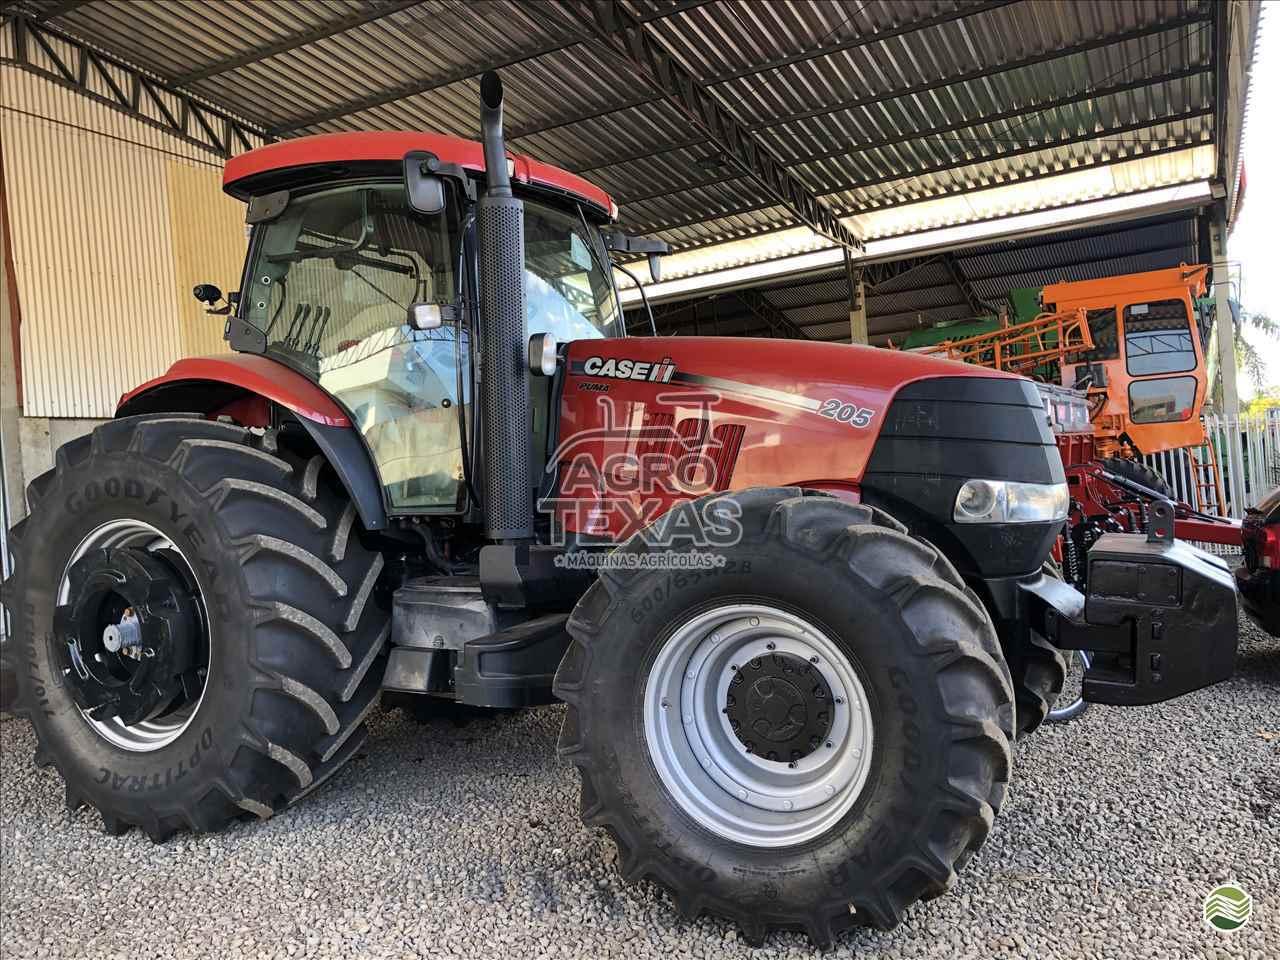 TRATOR CASE PUMA 205 Tração 4x4 Agro Texas Máquinas Agrícolas VITORINO PARANÁ PR